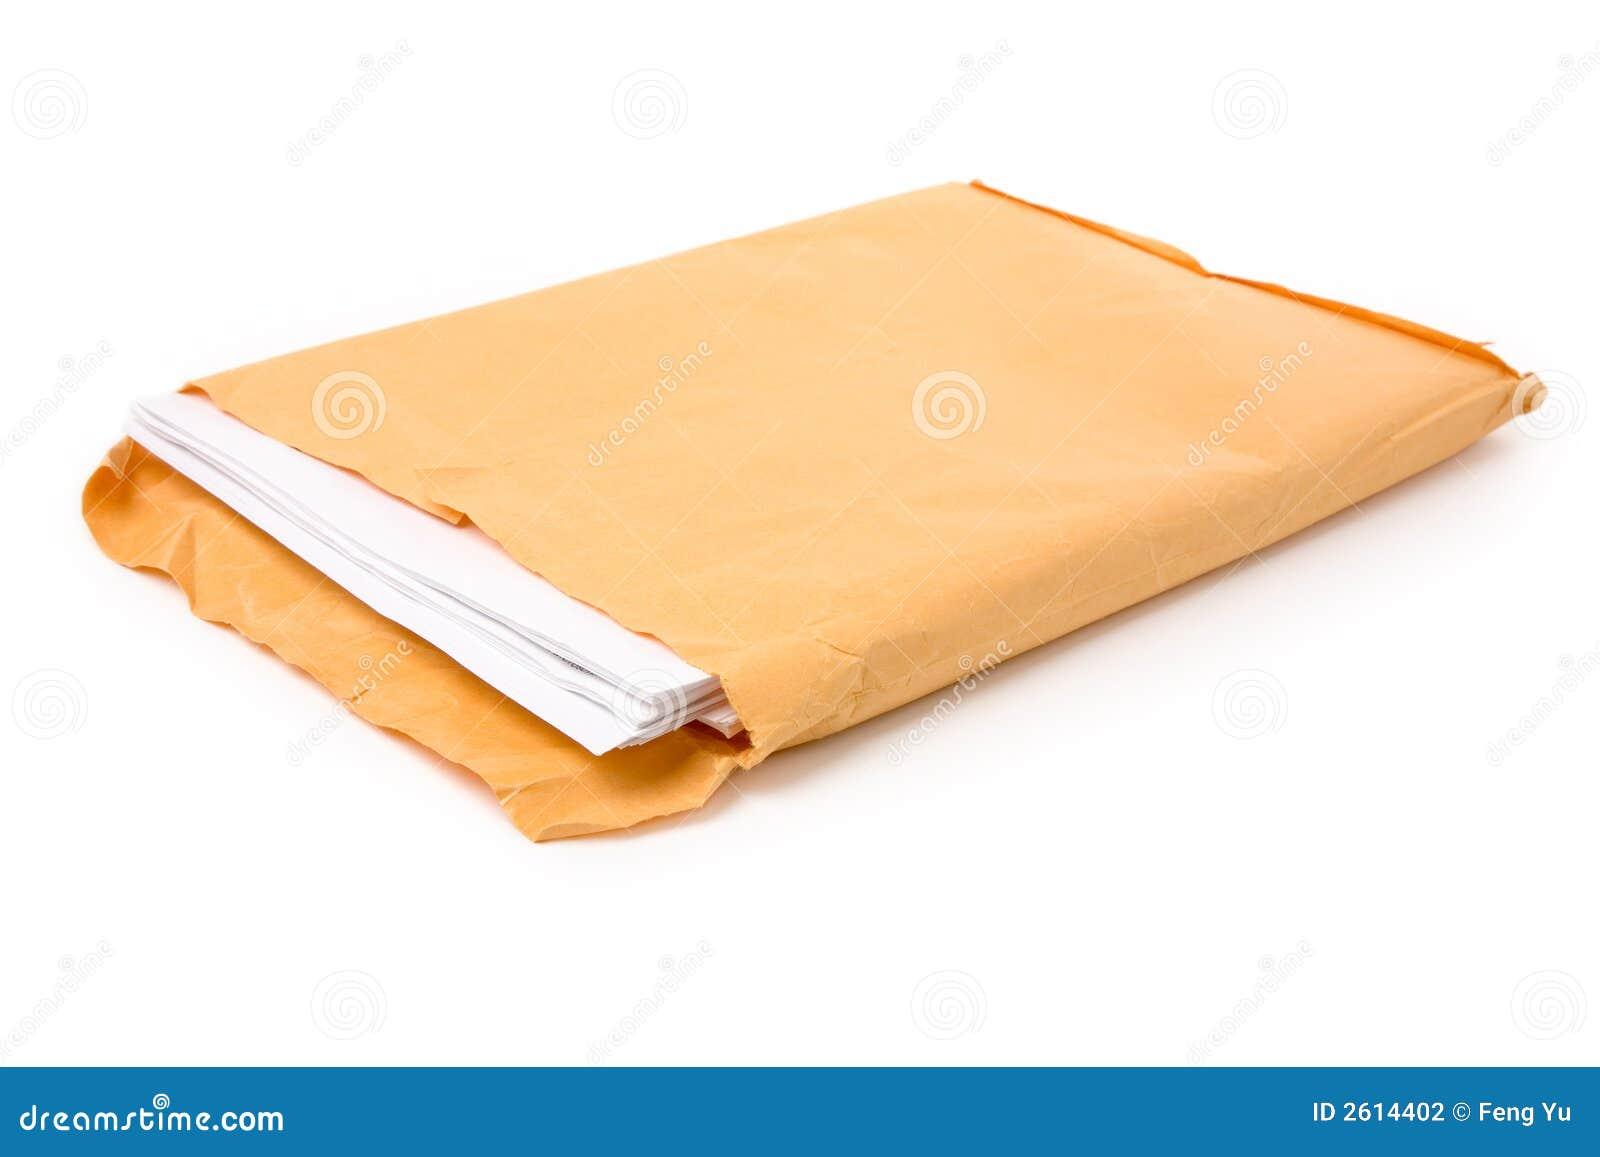 how to make a big envelope